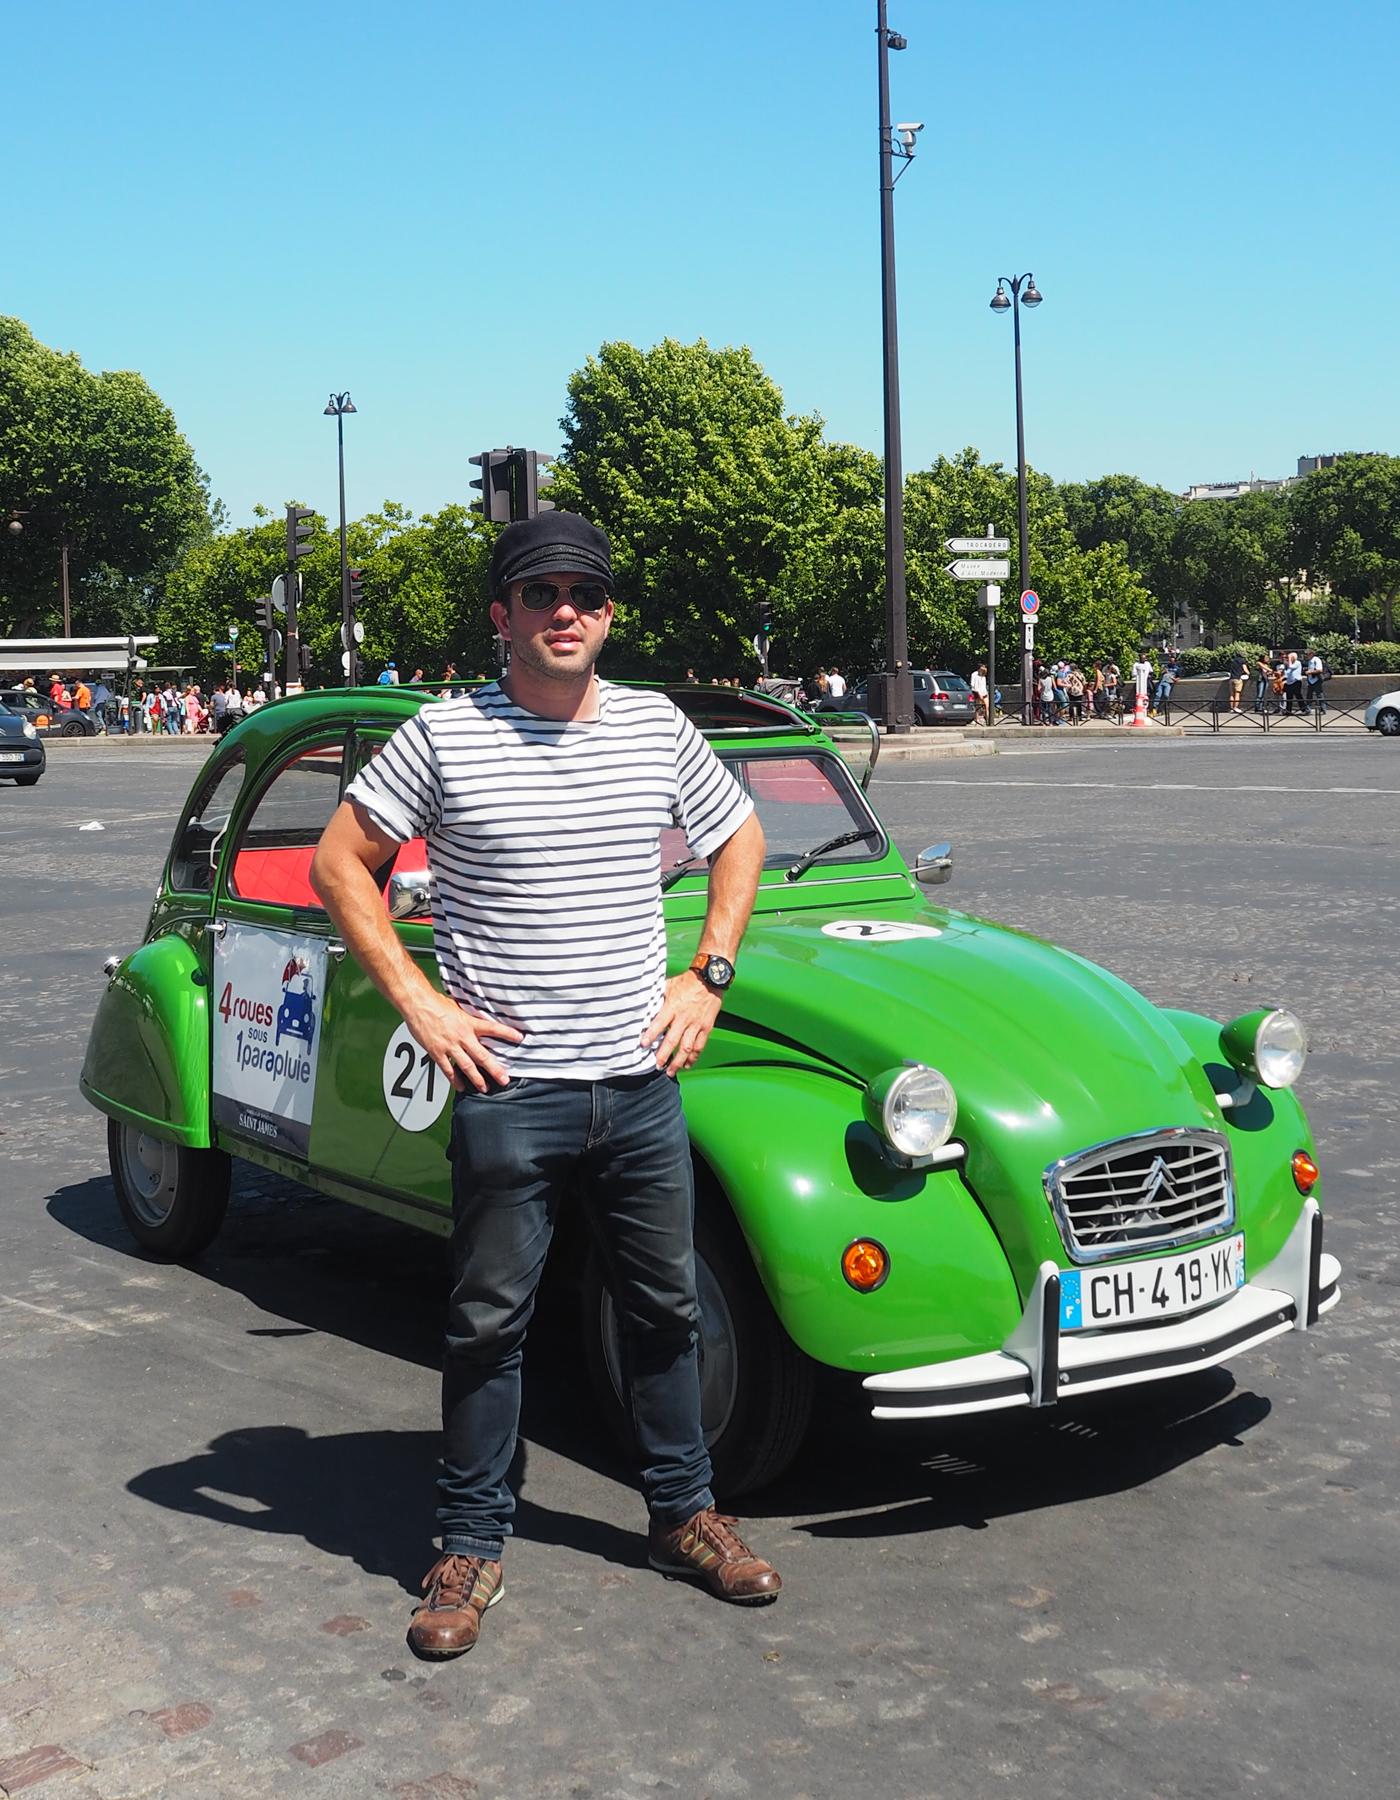 Citroen 2CV tour of Paris